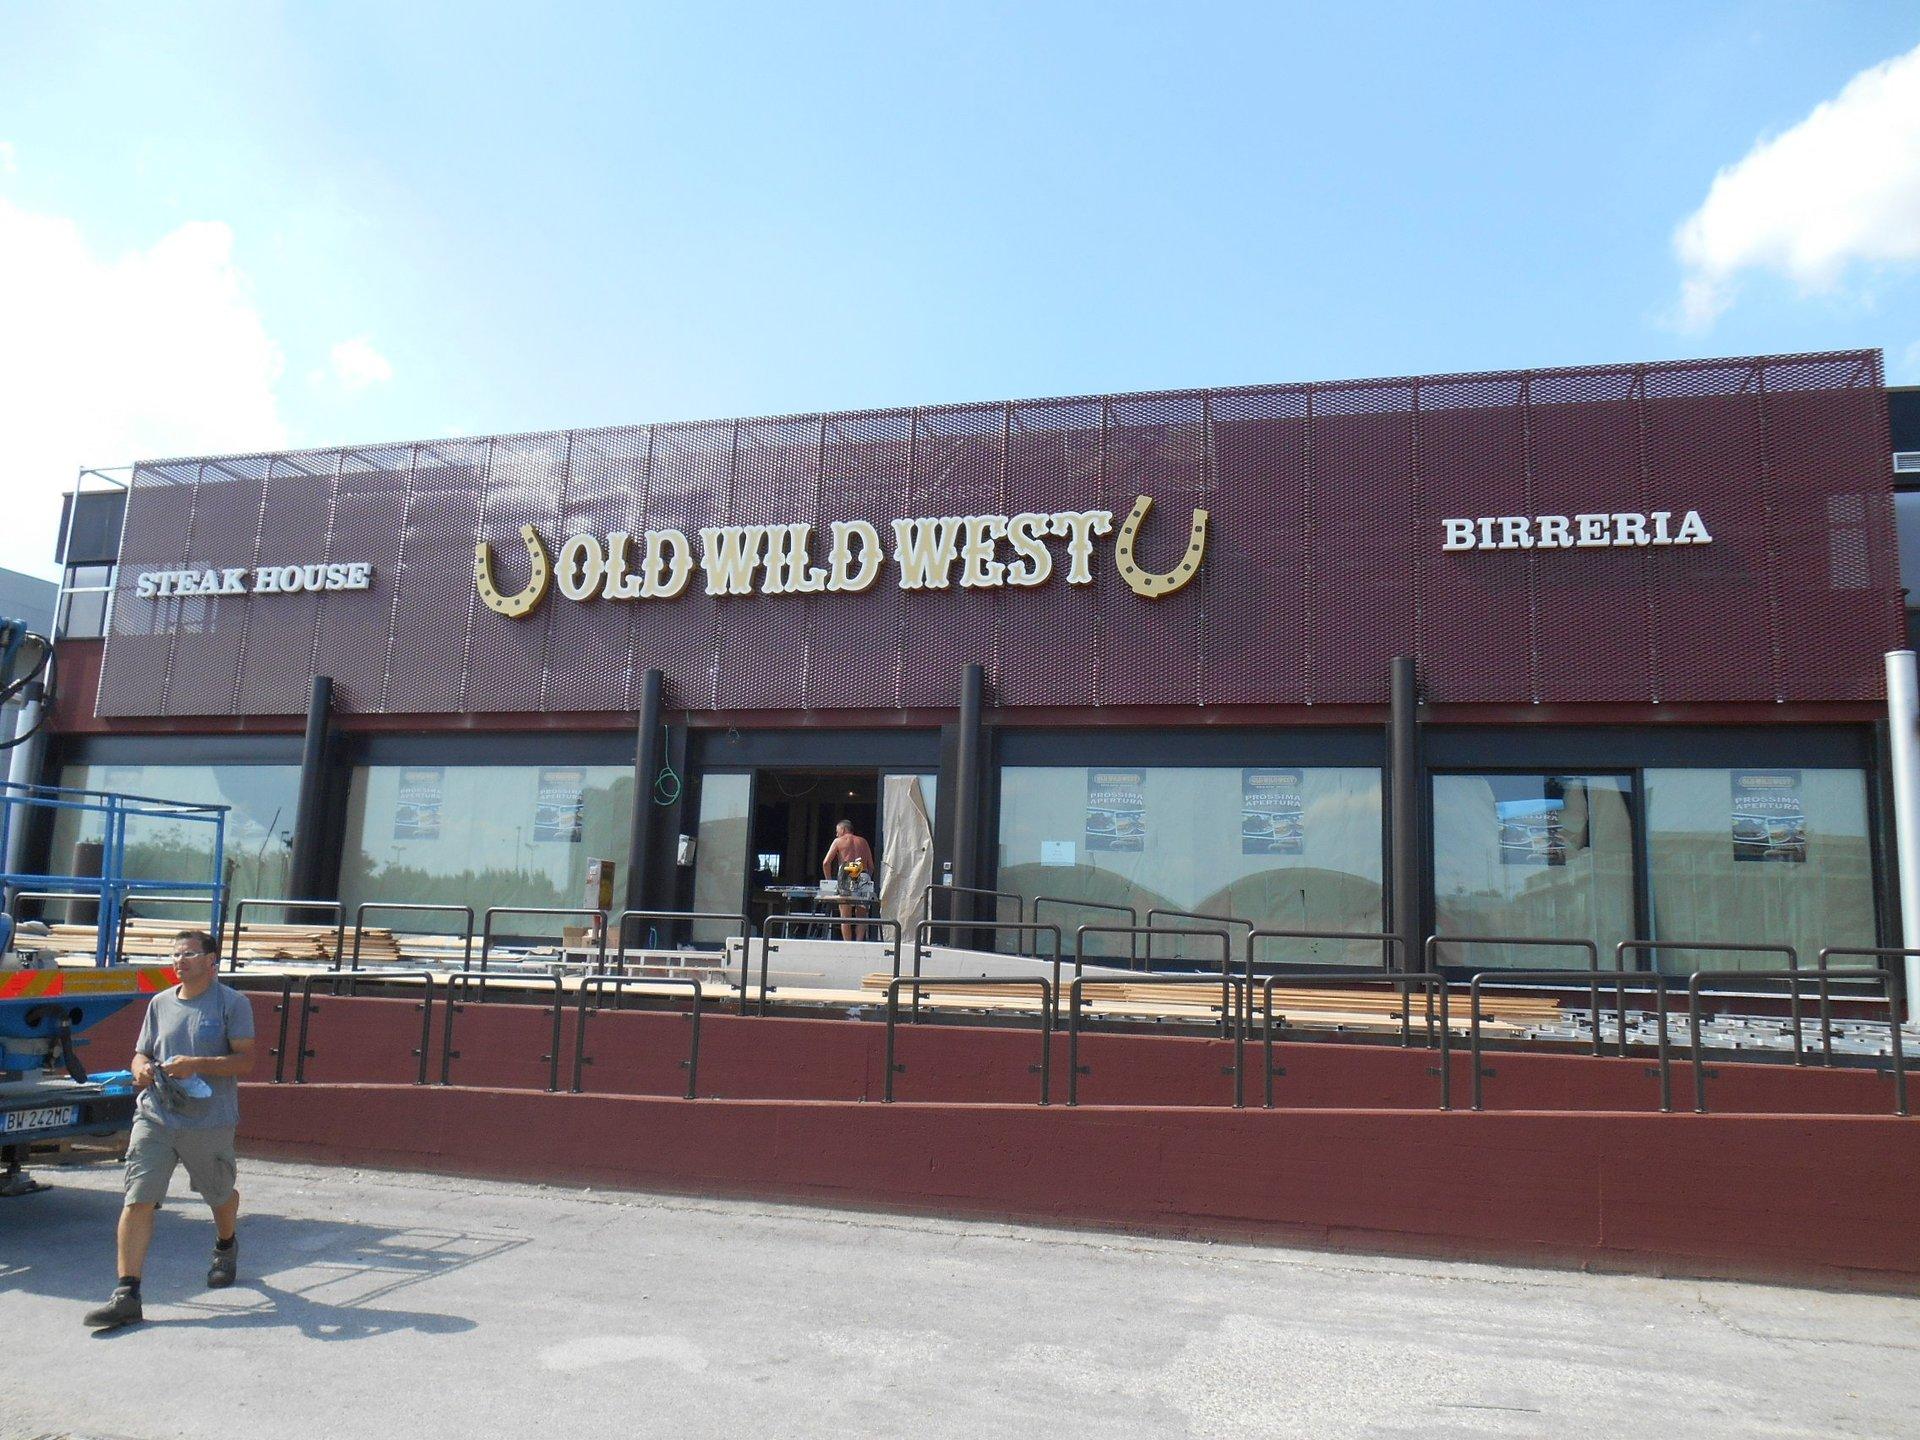 ristorante con insegna luminosa old wild west